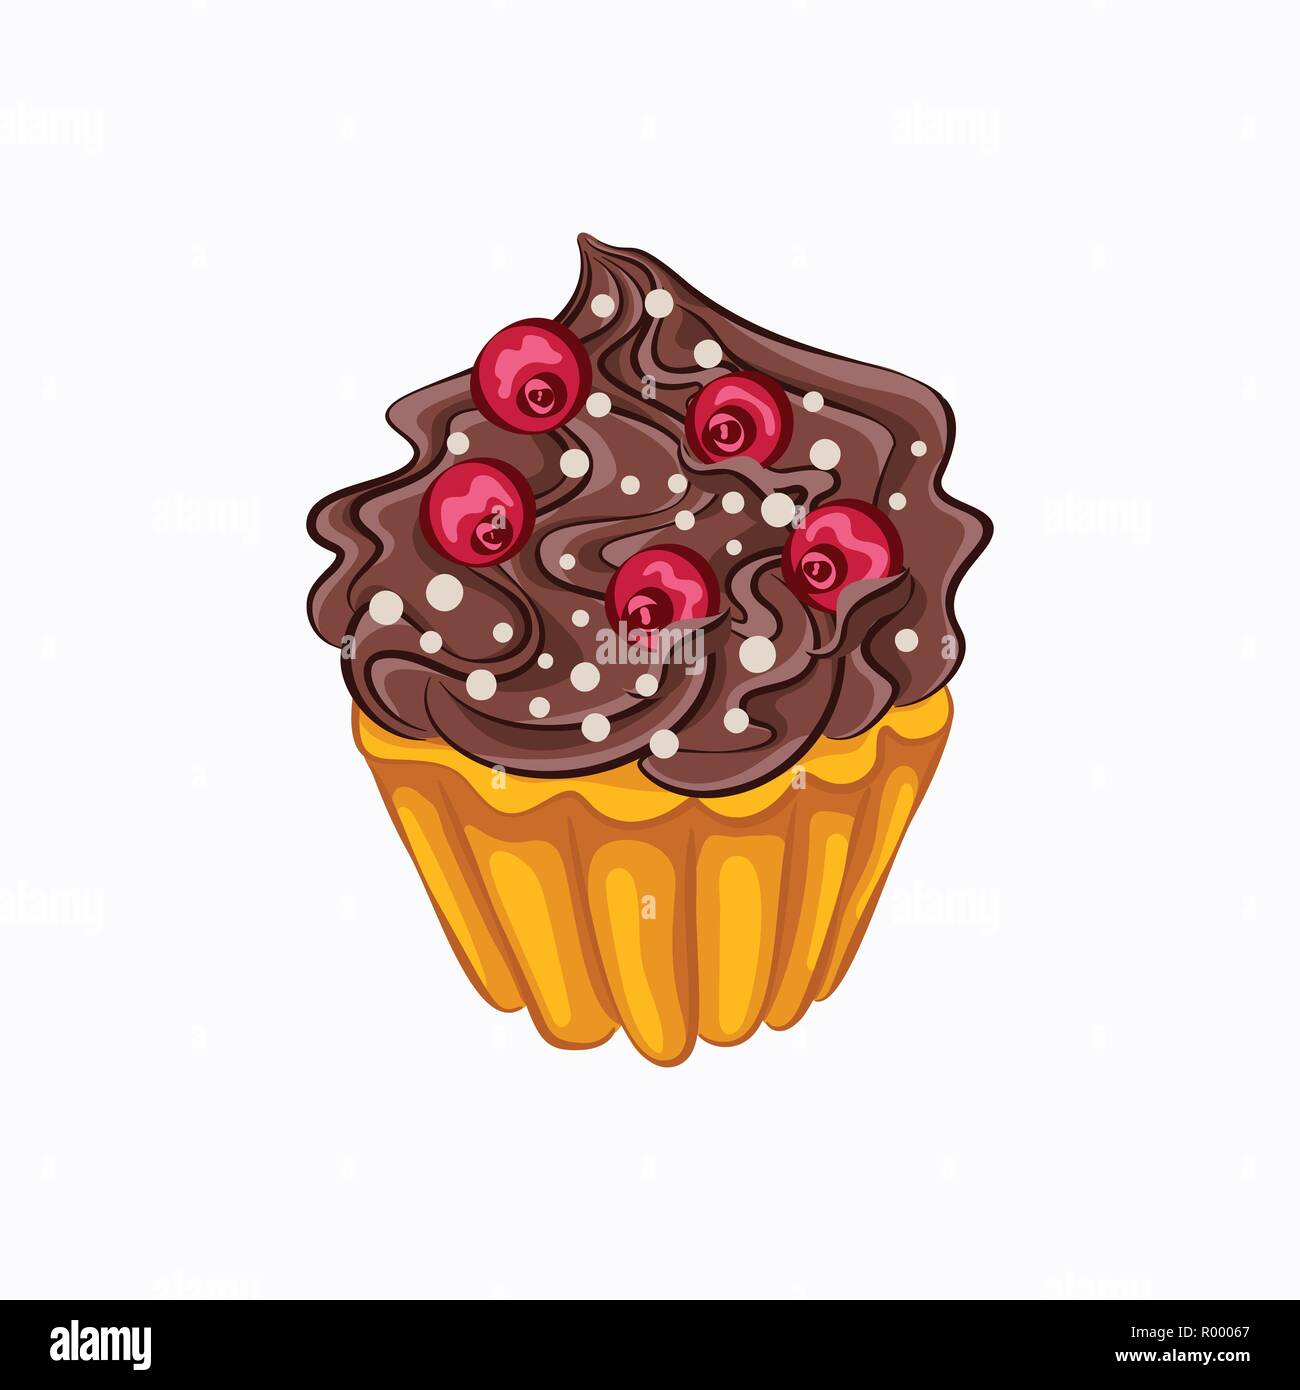 Estilo De Dibujos Animados Cupcake De Vainilla Con Crema De